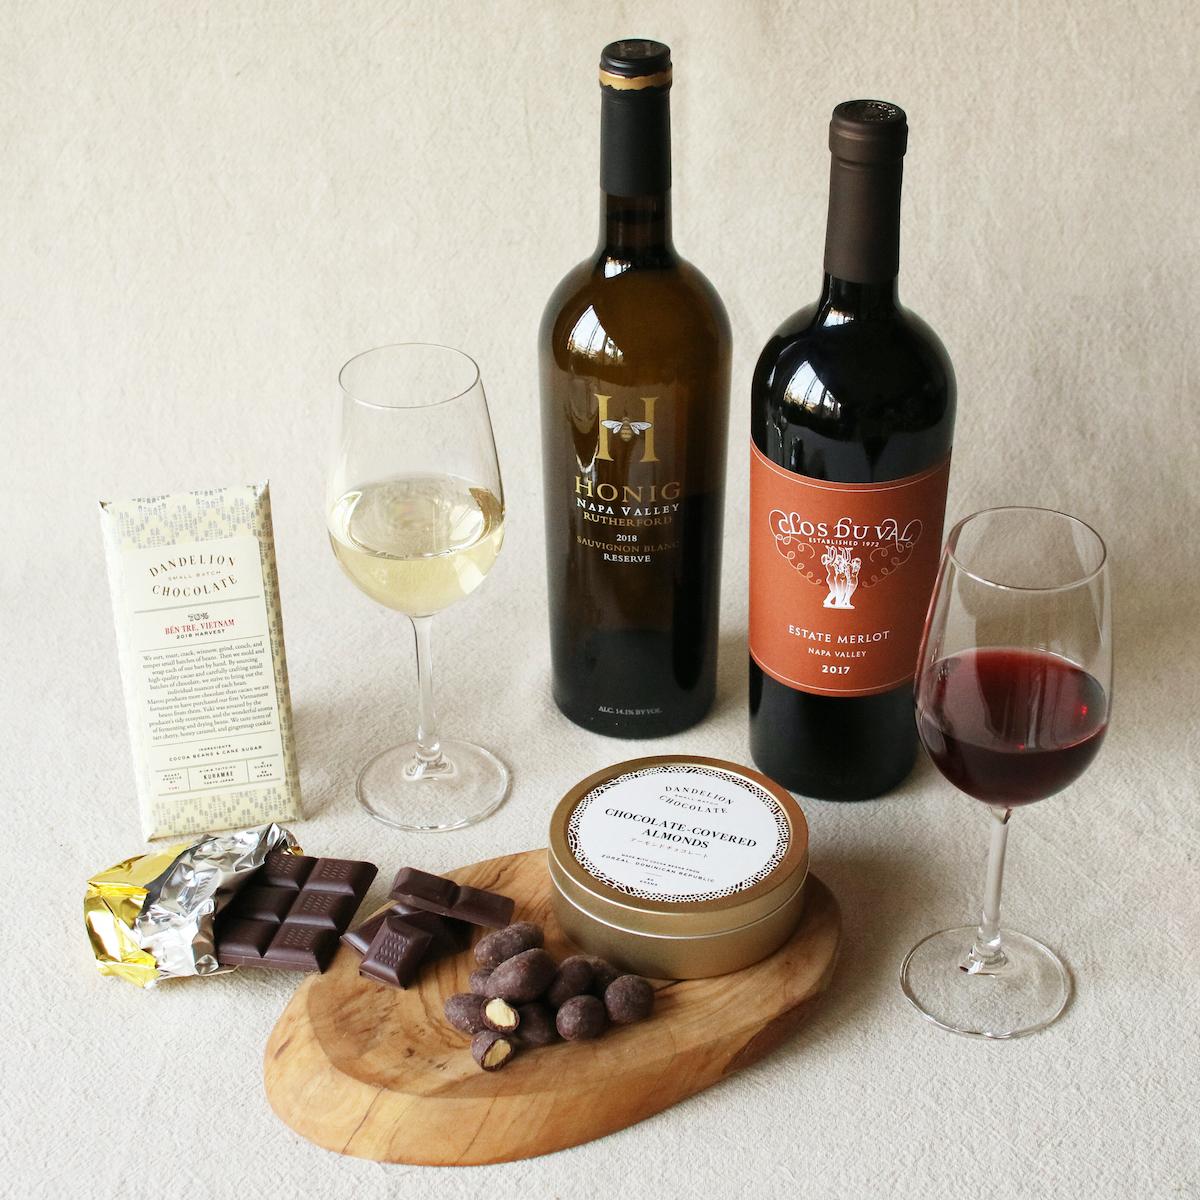 12月13日(日)に、「ワイン × チョコレートのオンライン・ペアリング・ワークショップ」を行います。こちらはアメリカ・カリフォルニア州を拠点とする、550以上のワイナリーが加盟する非営利生産者団体であるナパヴァレー・ヴィントナーズとの共同開催です。